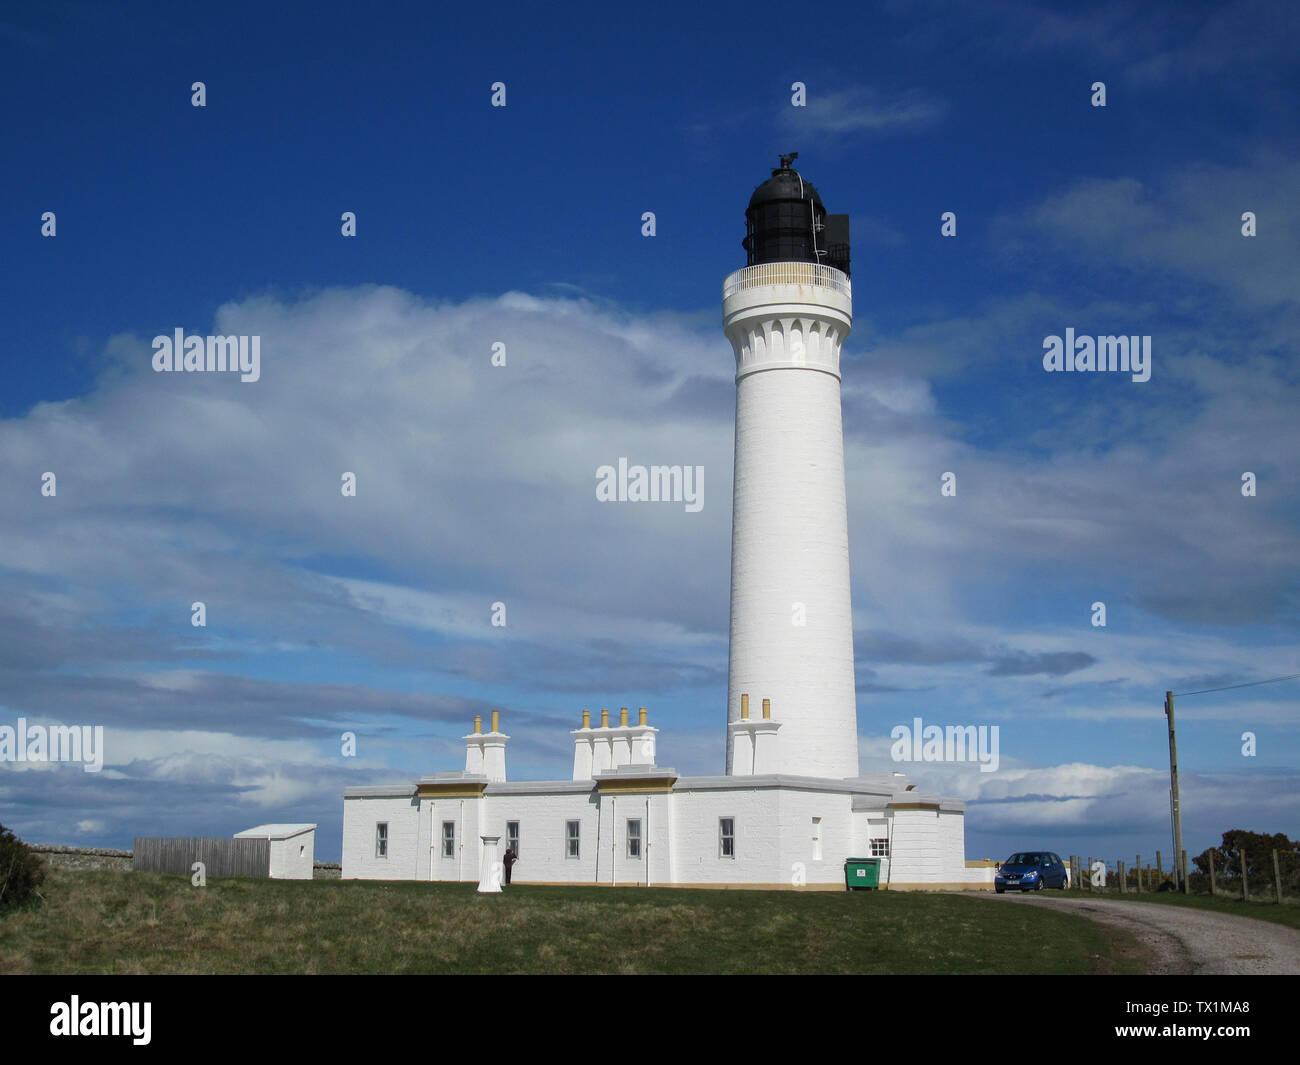 'Deutsch: Covesea Lighthouse; Leuchtturmvon Lossiemouth Das Covesea Lighthouse von Lossiemouth ist 36 Meter hoch, der Leuchtturm wurde im Jahre 1844 von Alan Stevenson errichtet. Es handelt sich um einen von vier Leuchttürmen mit insgesamt neun Wohnungen in Schottland, der über den National Trust for Scotland (ntsholidays.com) vermietet werden. Man wohnt natürlich nicht in dem runden Turm, sondern in sehr geräumigen Wohnungen ebenerdig am Fuße. Wir hatten die linke Wohnung, die für sechs Personen ausgelegt war. Es gab  drei Schlafzimmer (ein Zimmer davon mit Etagenbett), ein schönes Wohnzimmer - Stock Image